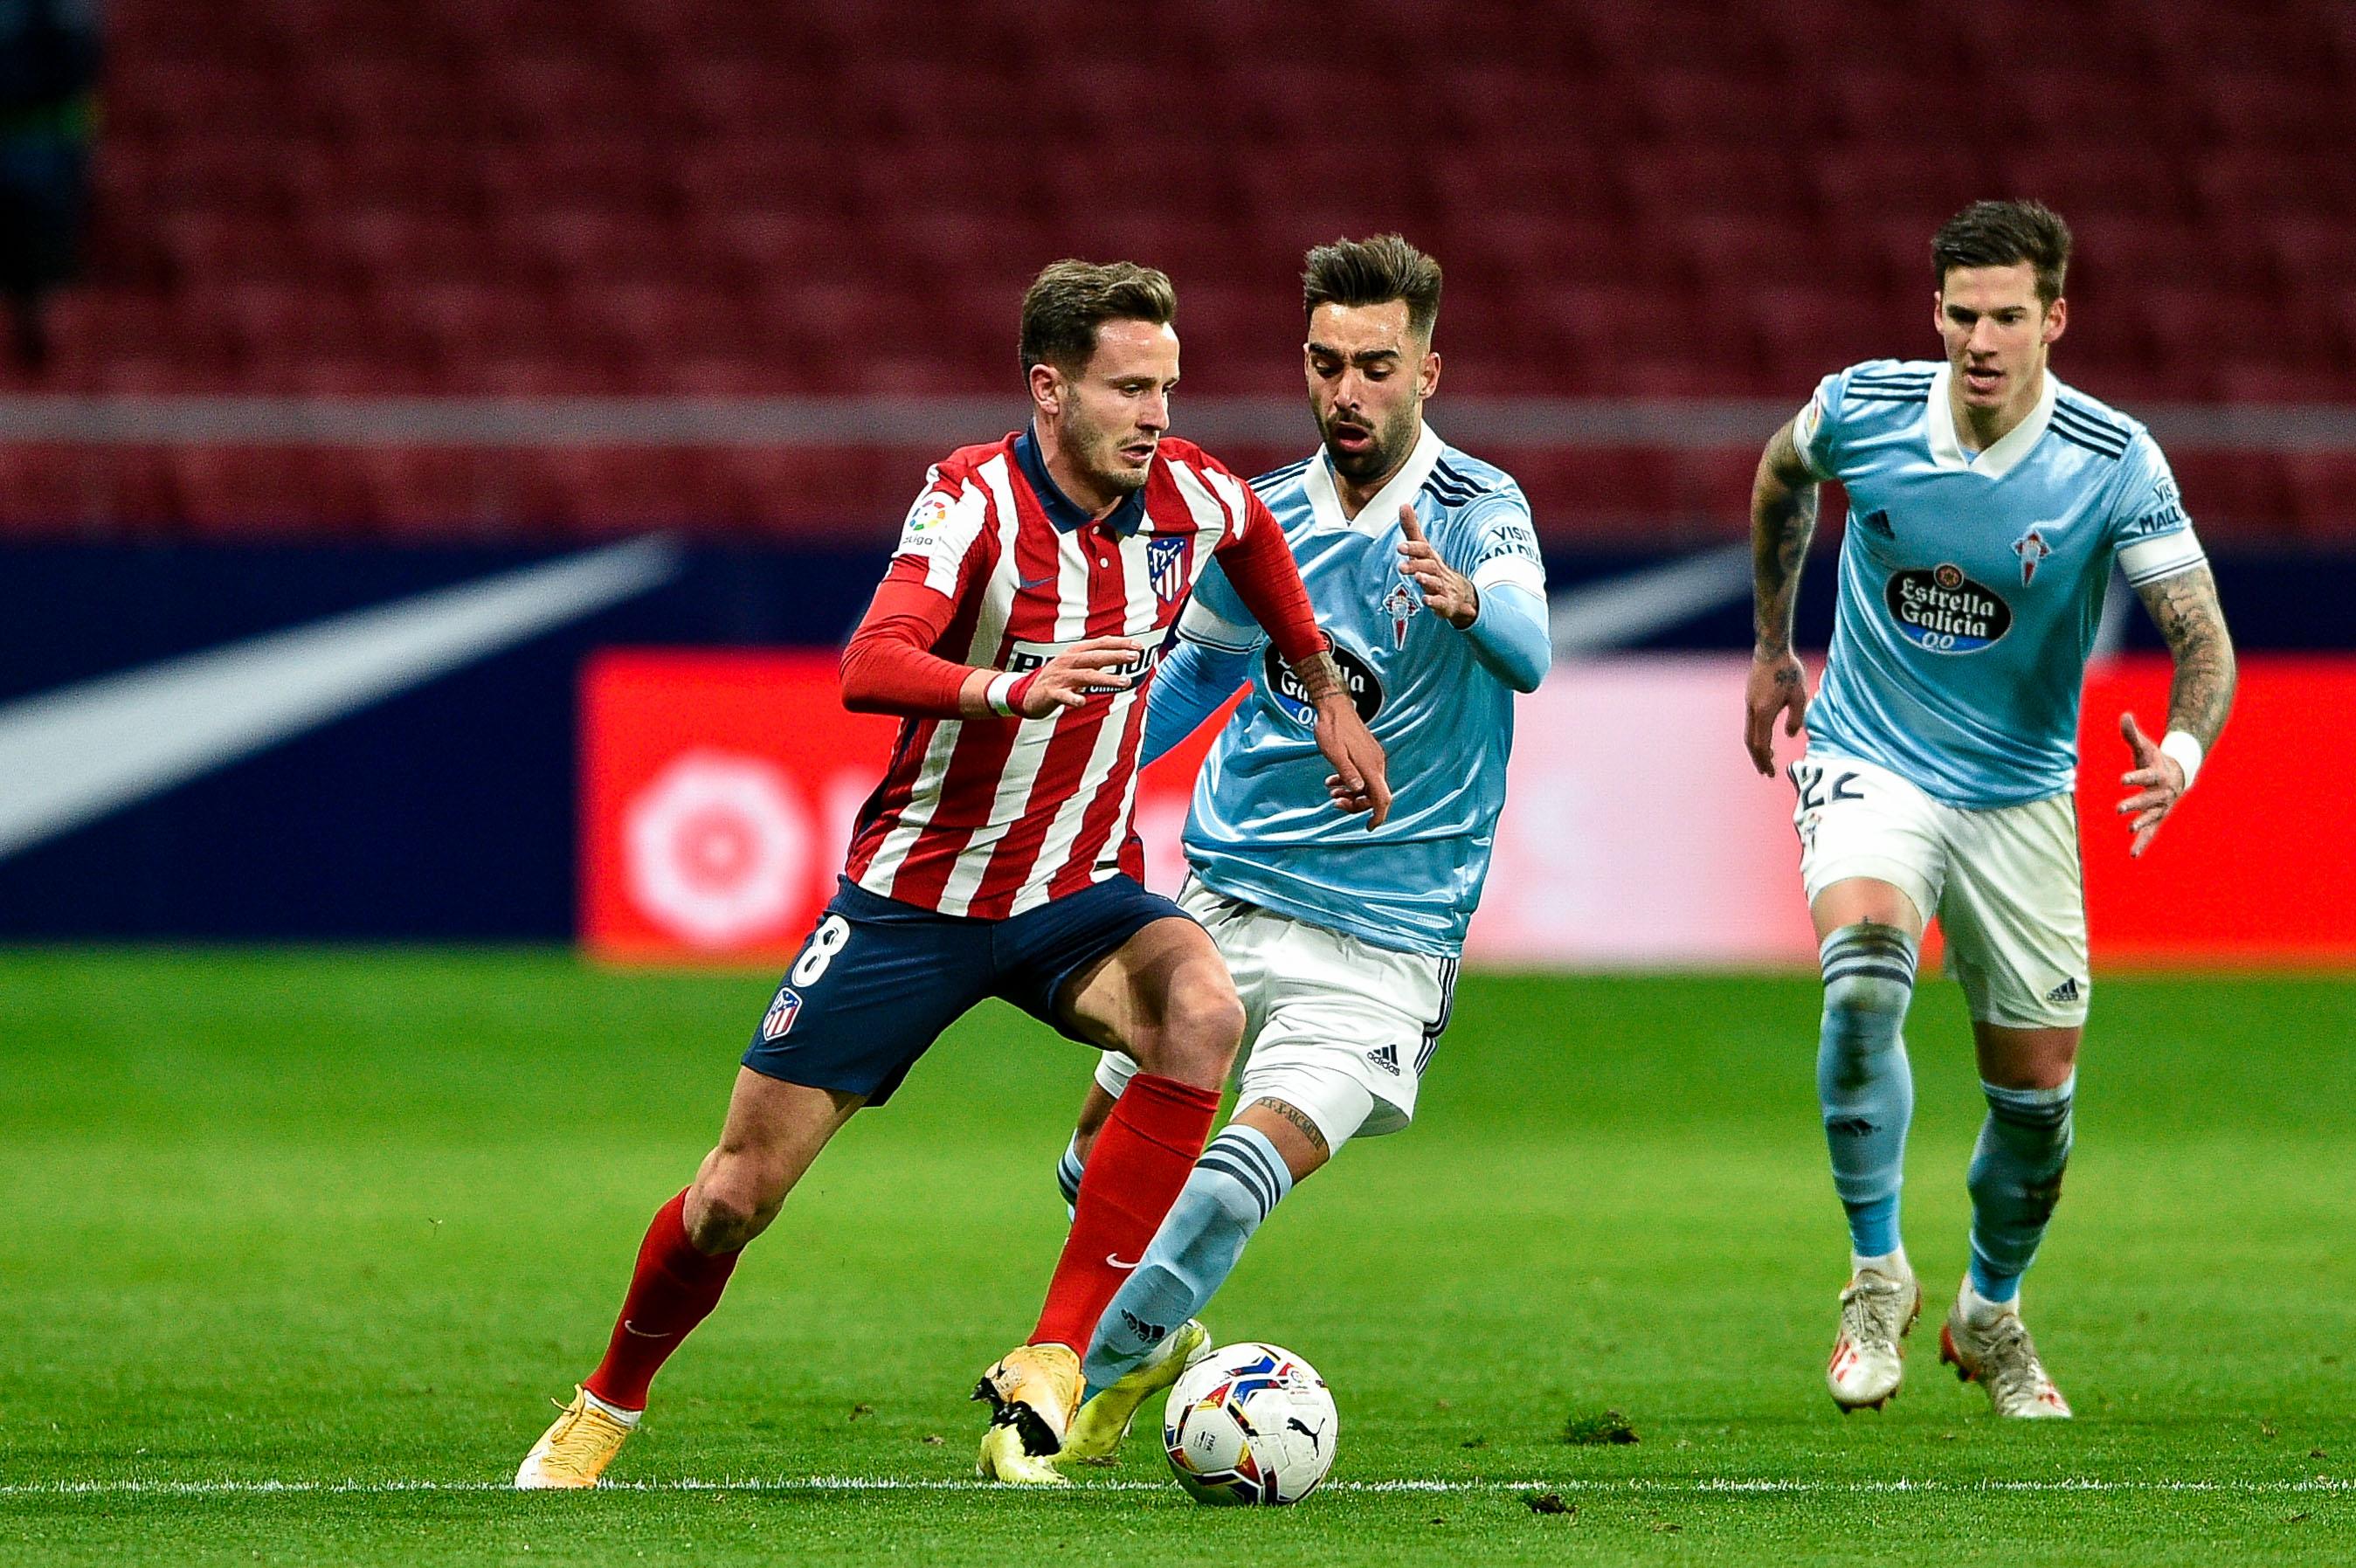 Atletico Madrid 2-2 Celta Vigo: Atletico'nun serisi sona erdi